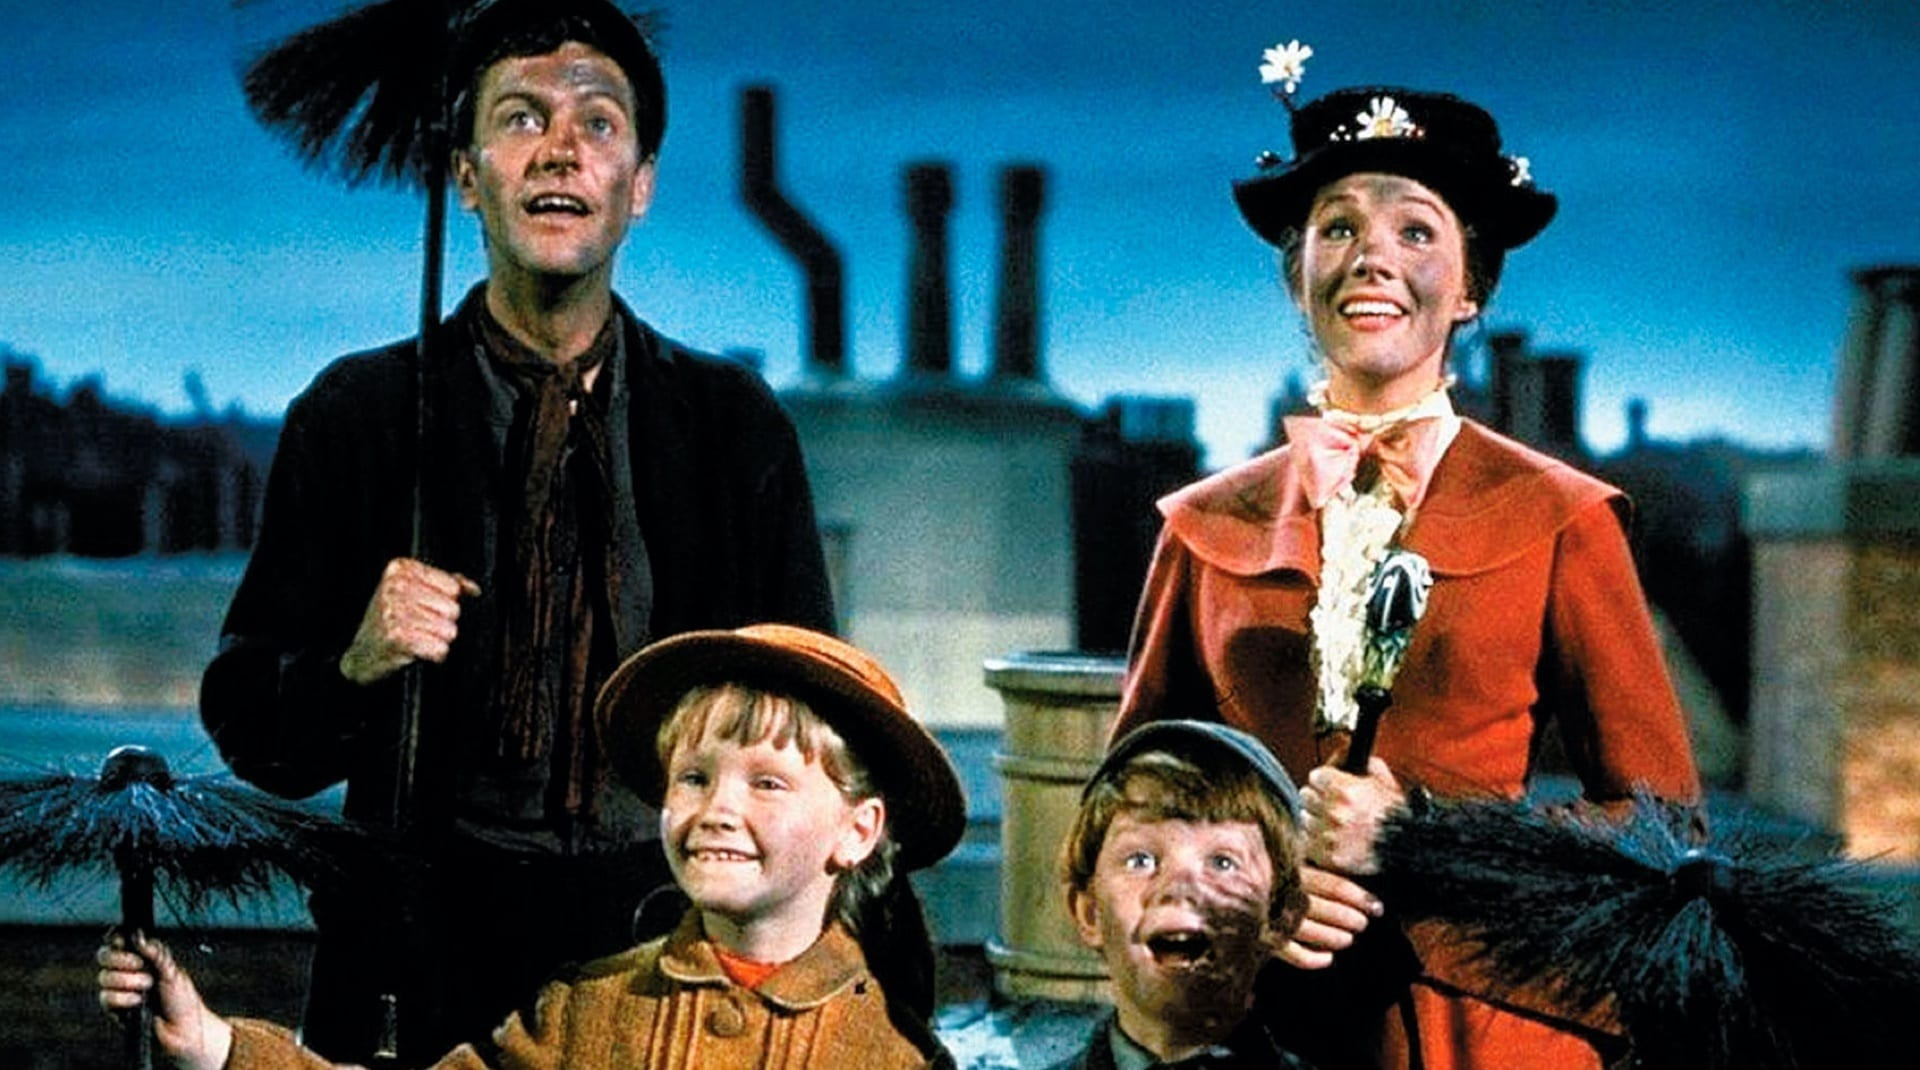 Un'immagine di Mary e Bert tratta da Mary Poppins